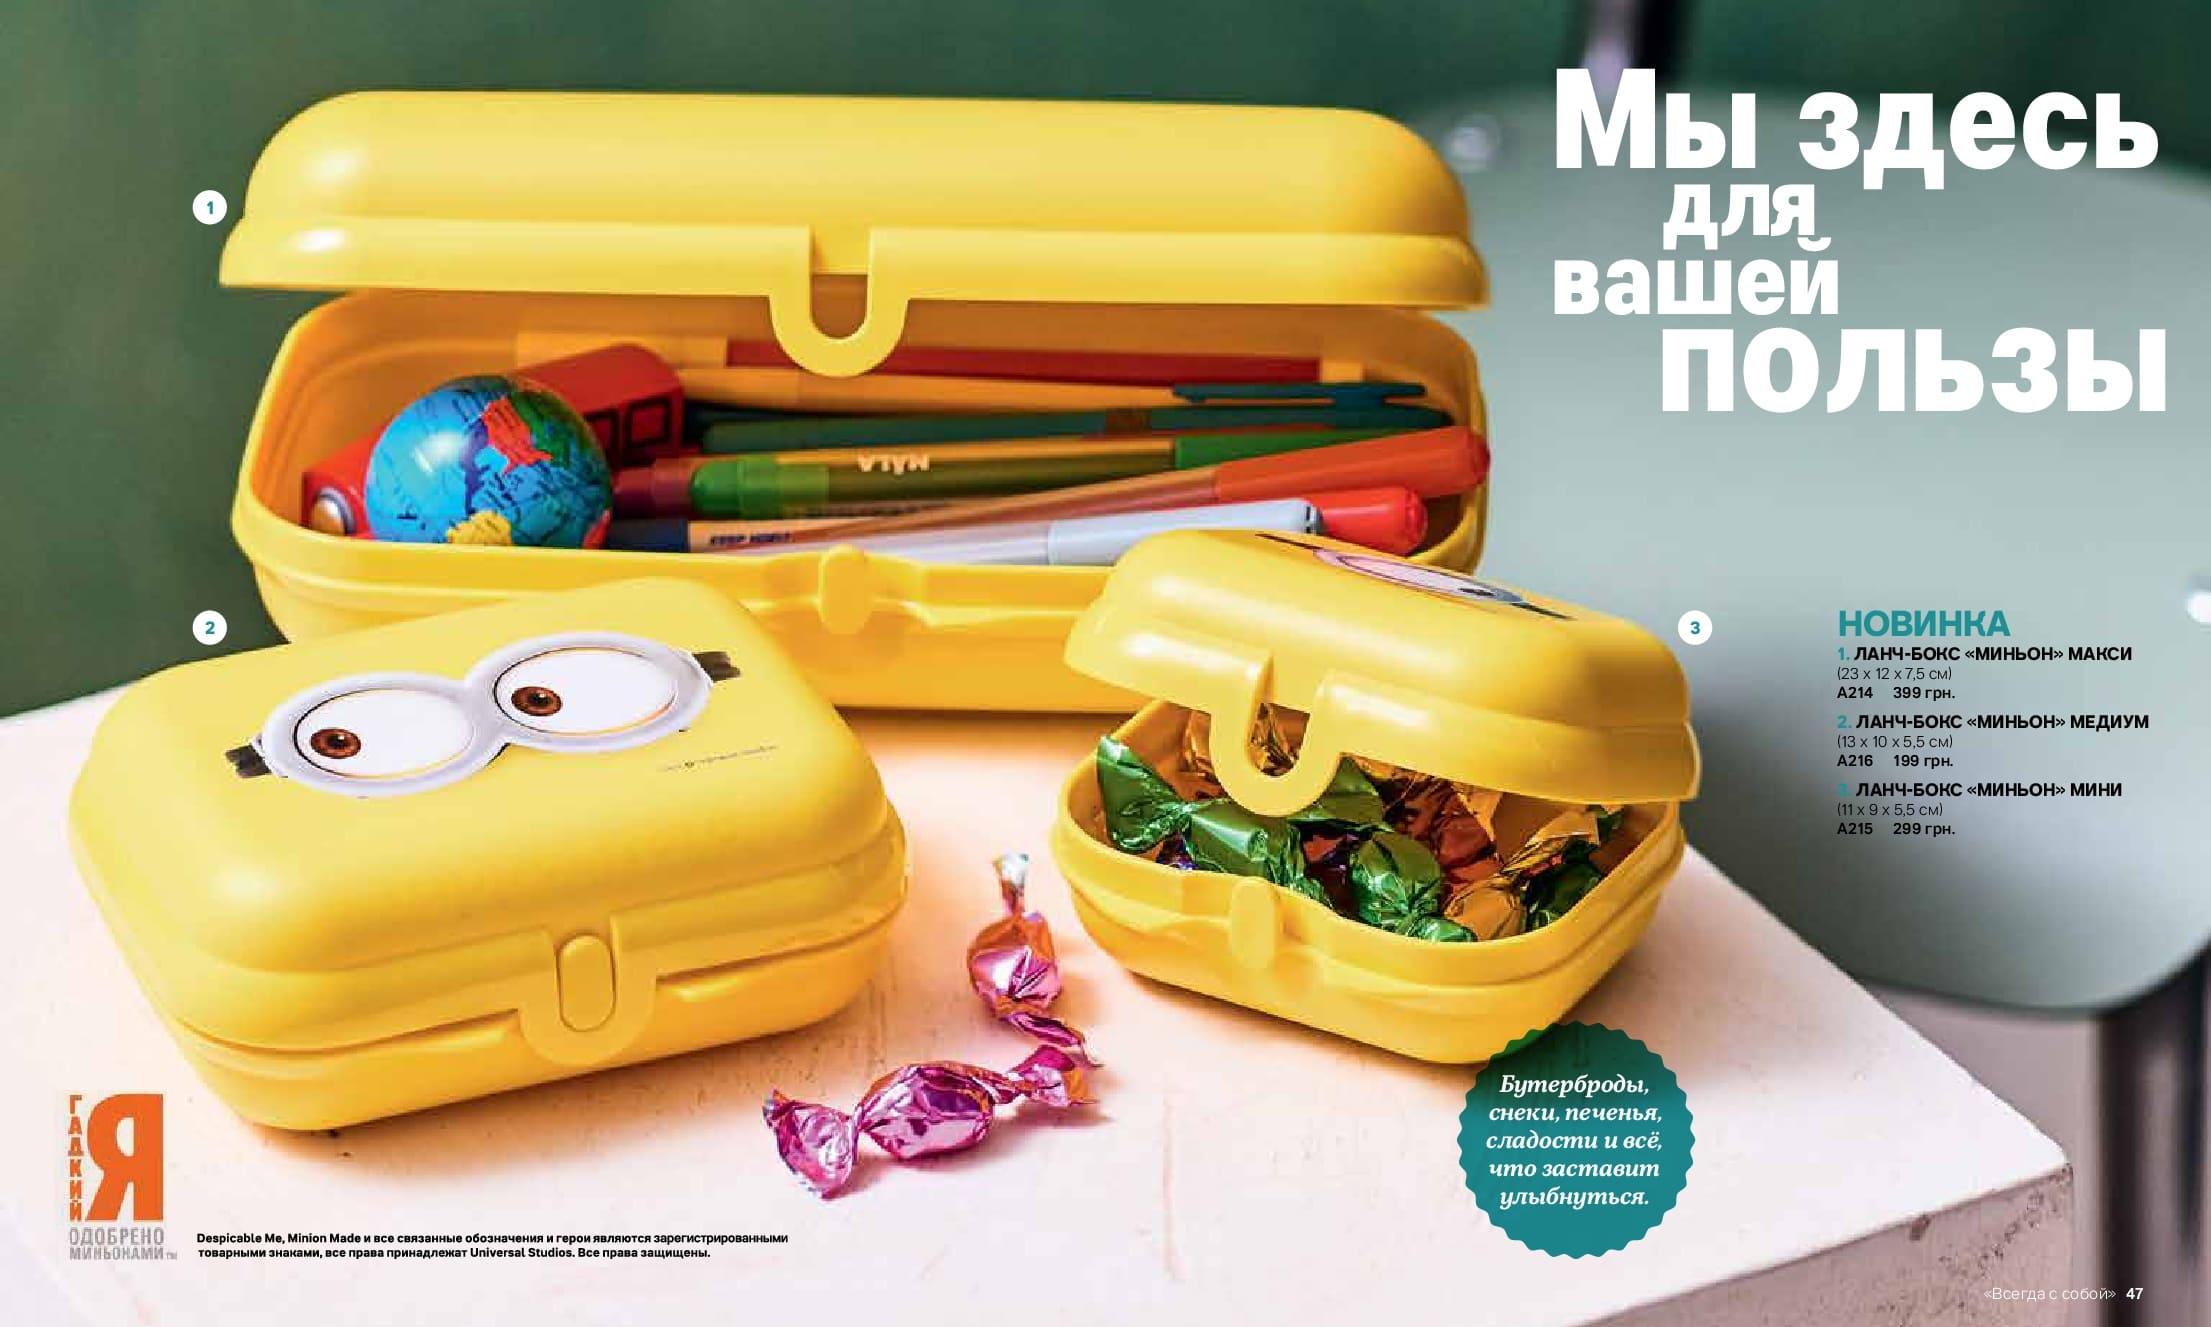 Ланч бокс миньон tupperware для бутербродов, снеков, печенья, сладостей и всёго, что заставит улыбнуться.